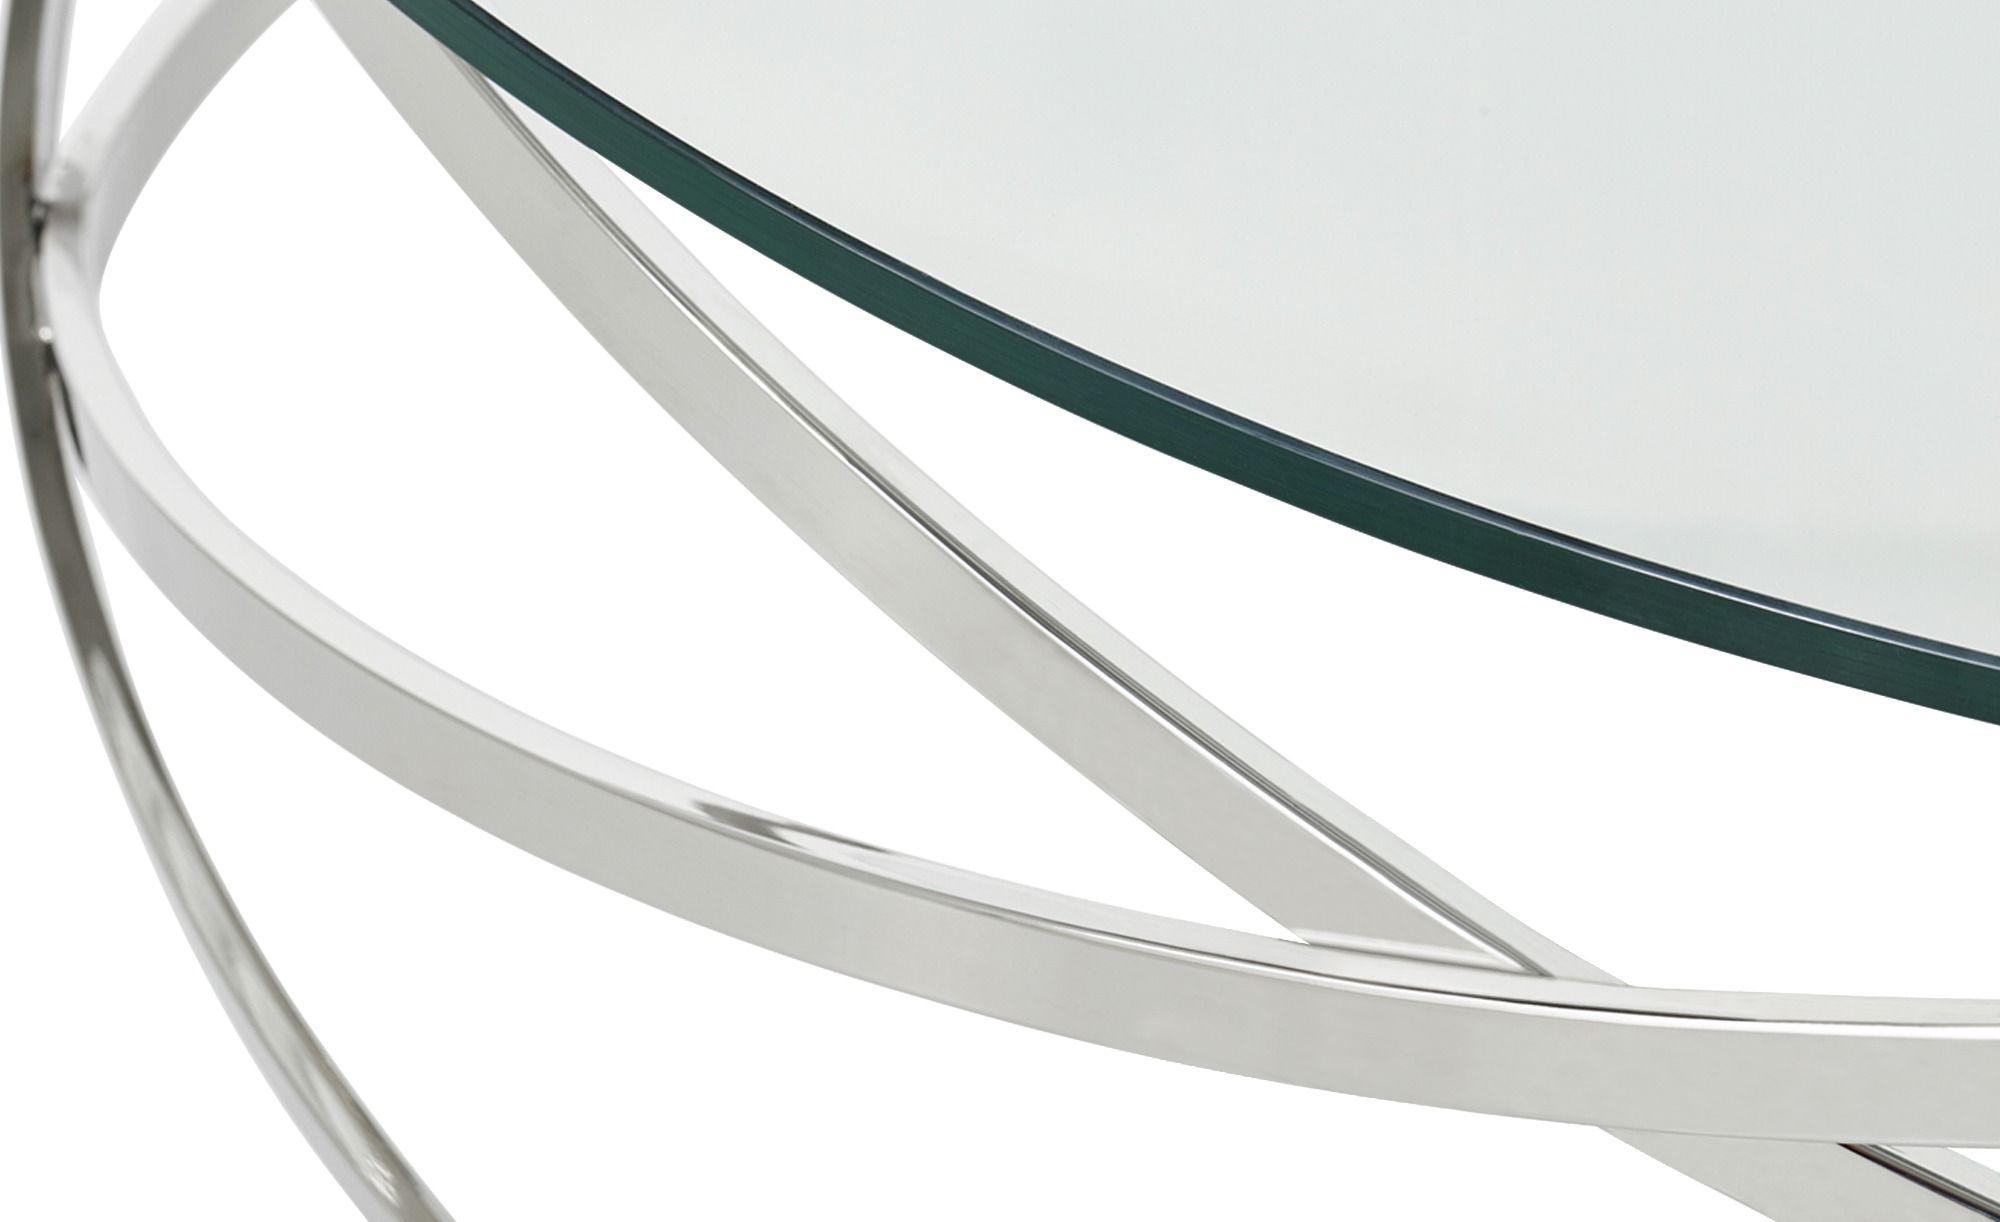 Couchtisch Todor Silber Masse Cm H 35 O 105 Tische Couchtische Couchtische Rund Hoffner Couchtisch Rund Couchtisch Tisch